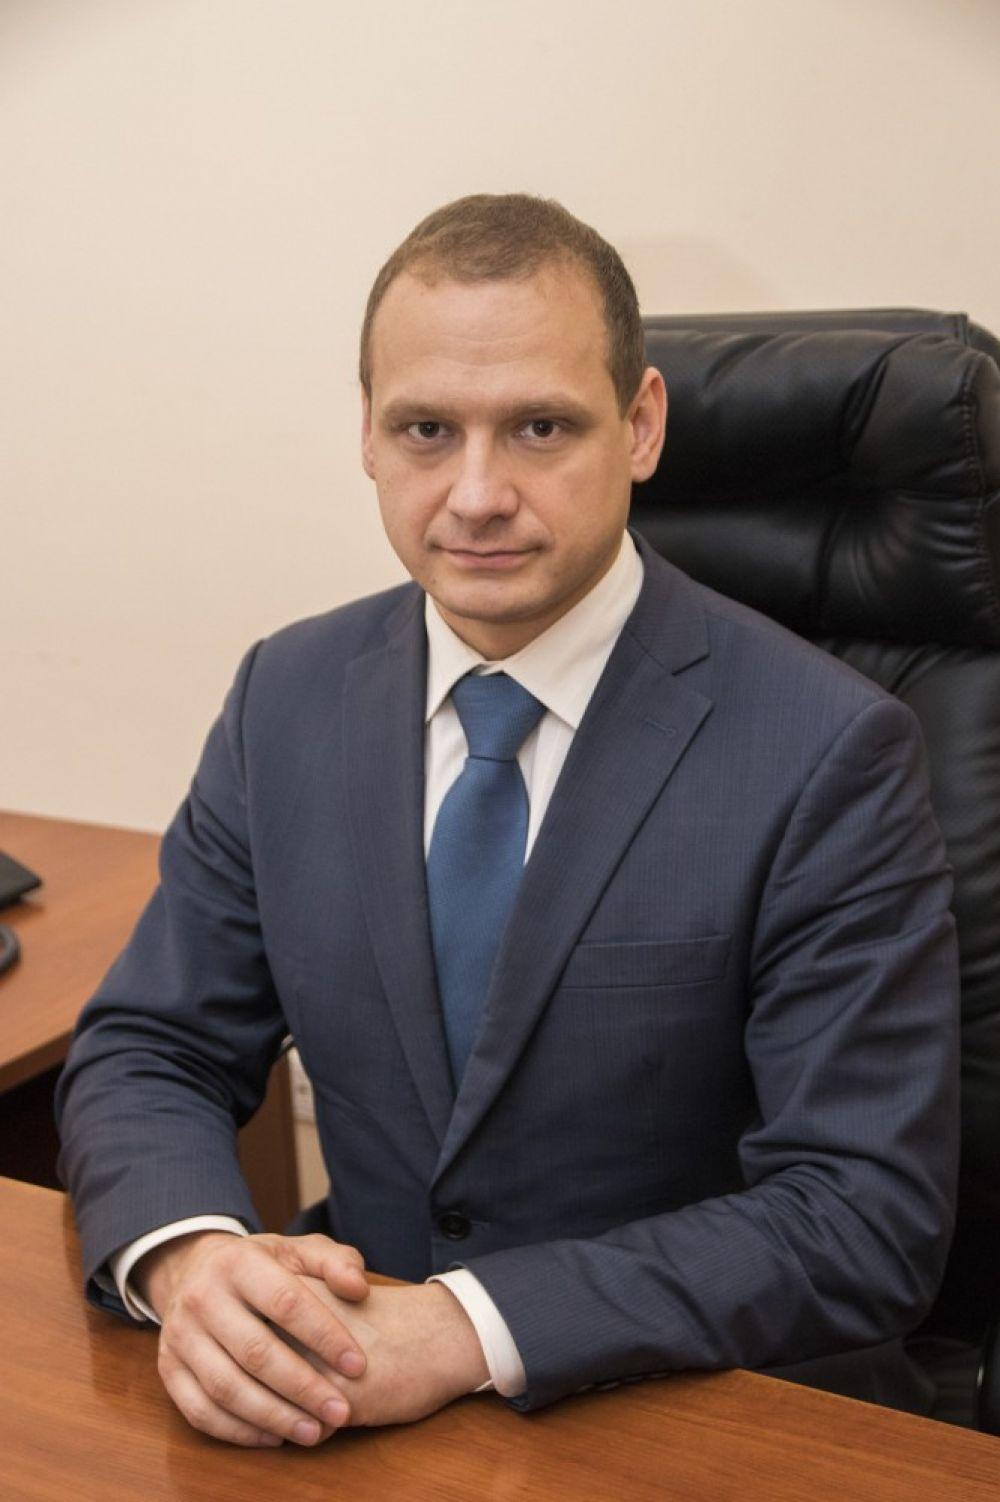 Эксклюзивное интервью с главой администрации Феодосии: «Дать команде задор для выполнения своих обязанностей»